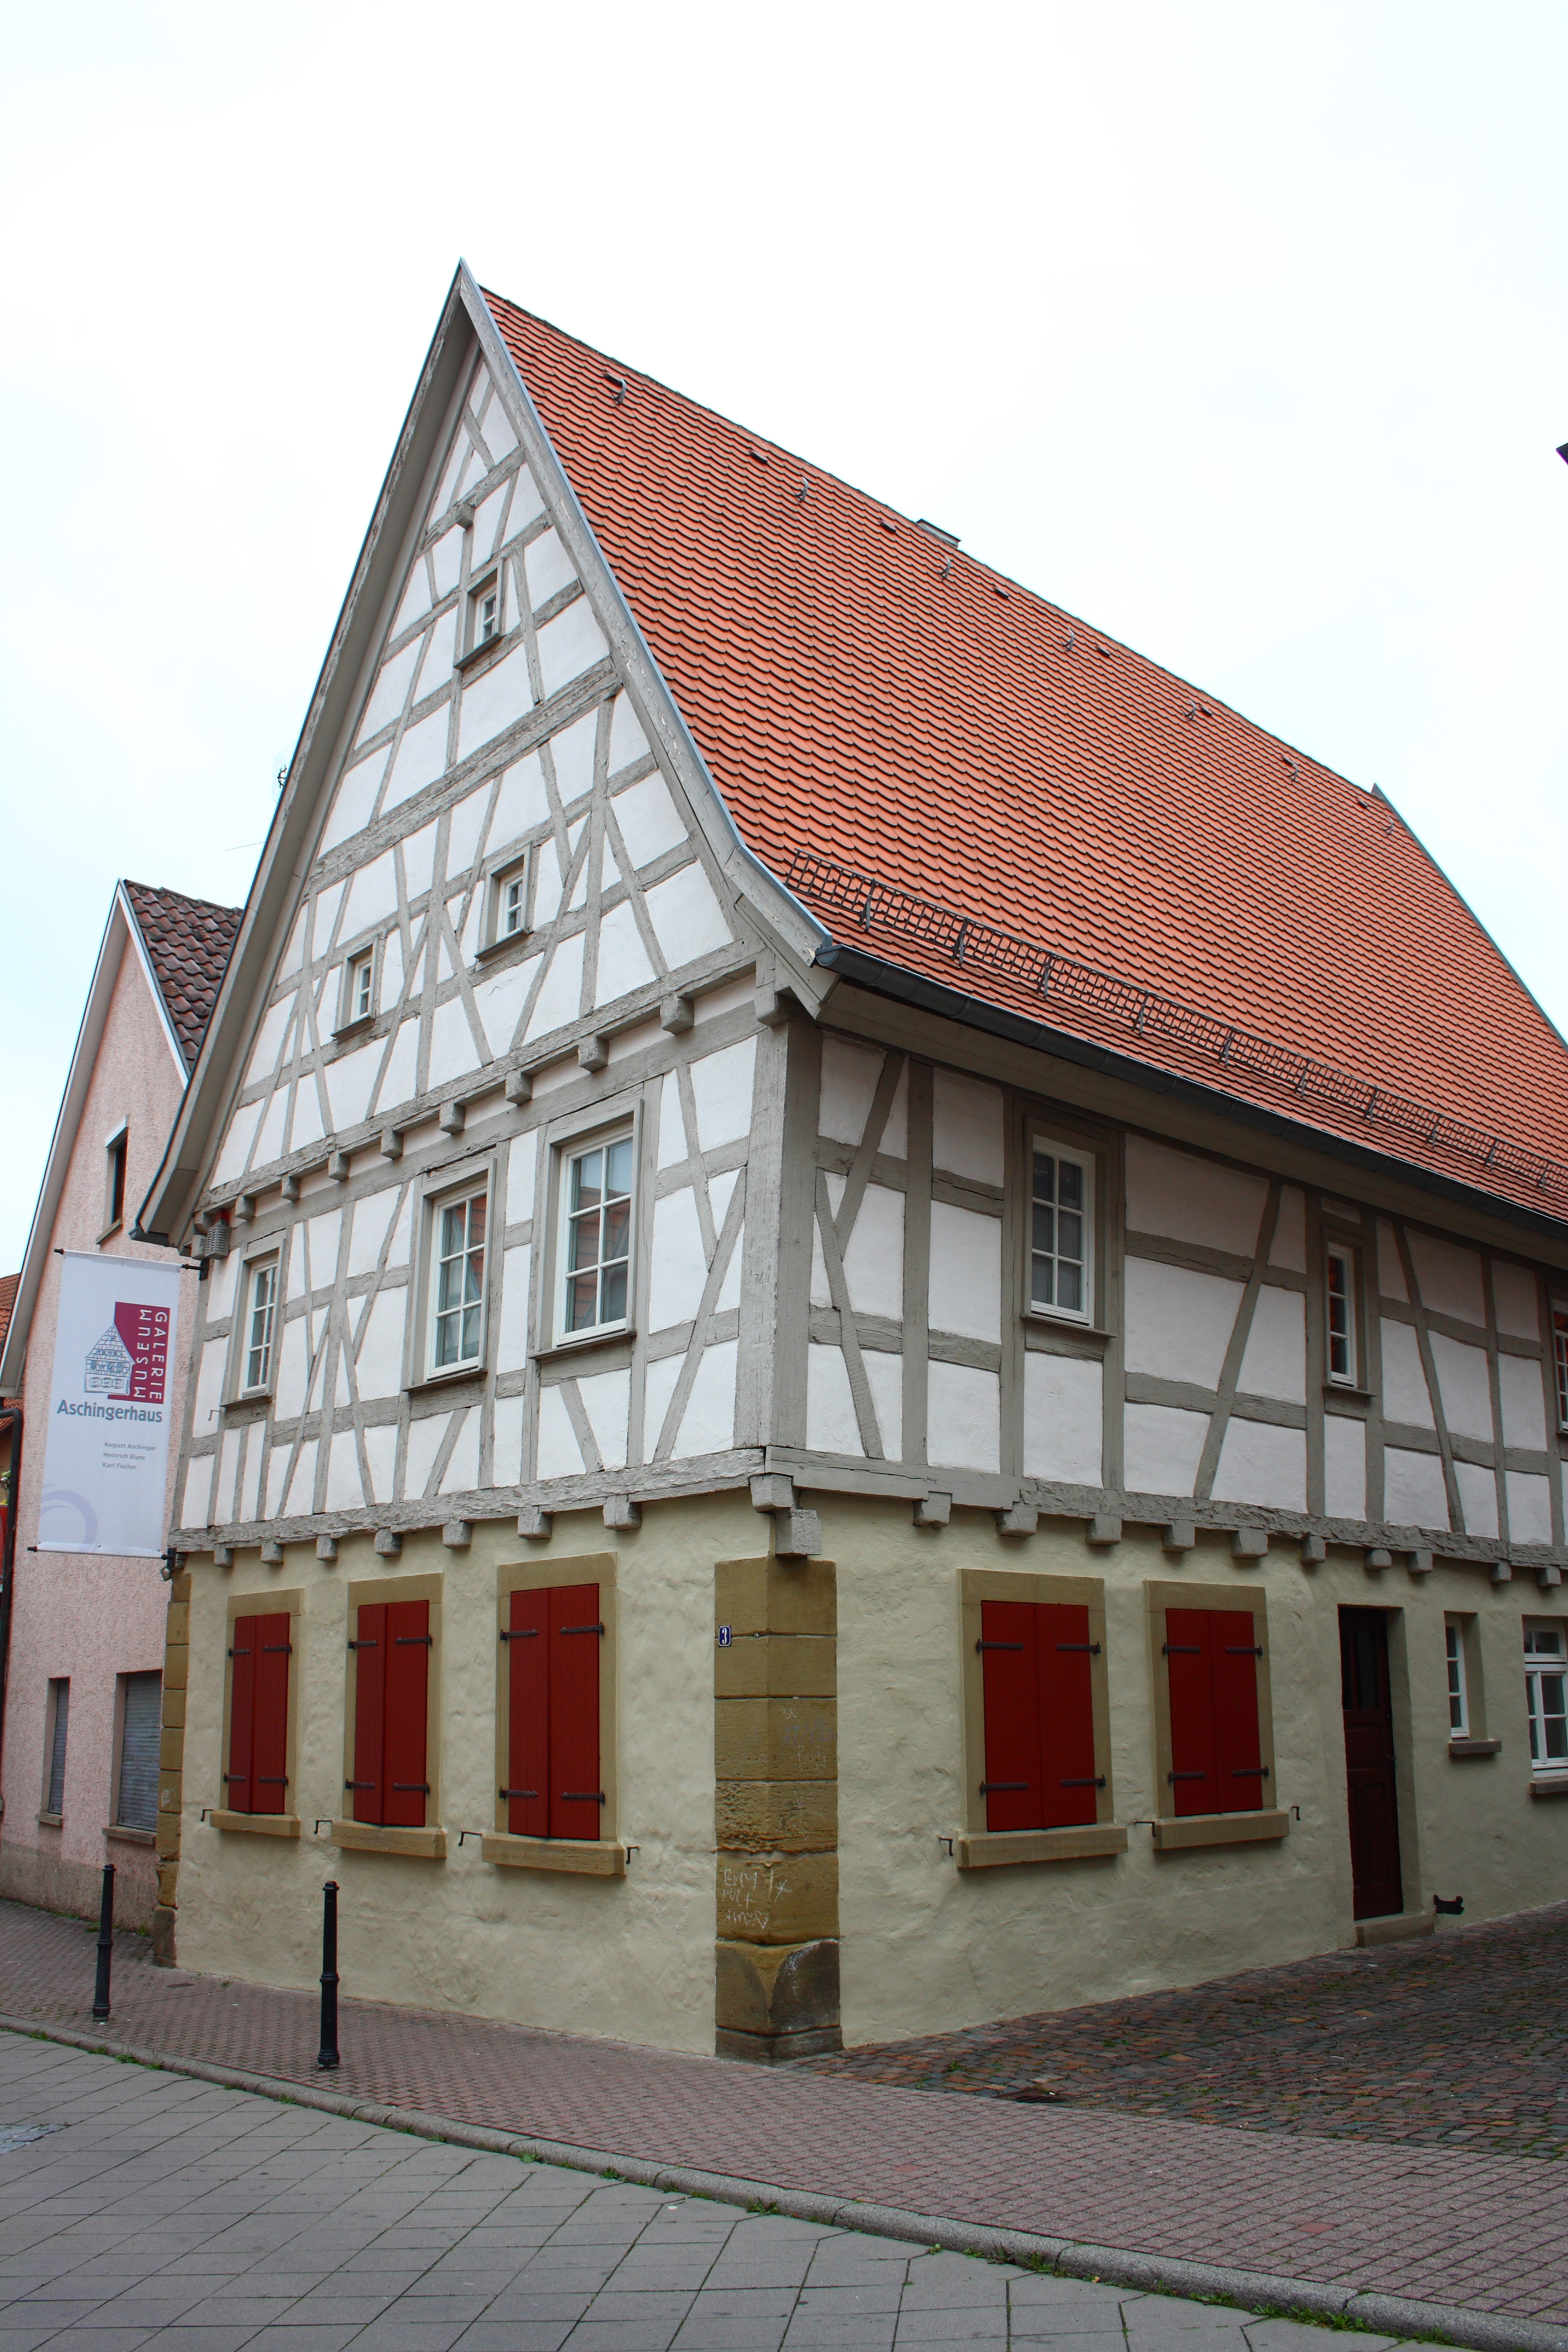 File:Oberderdingen Aschinger Haus 125.JPG - Wikimedia Commons